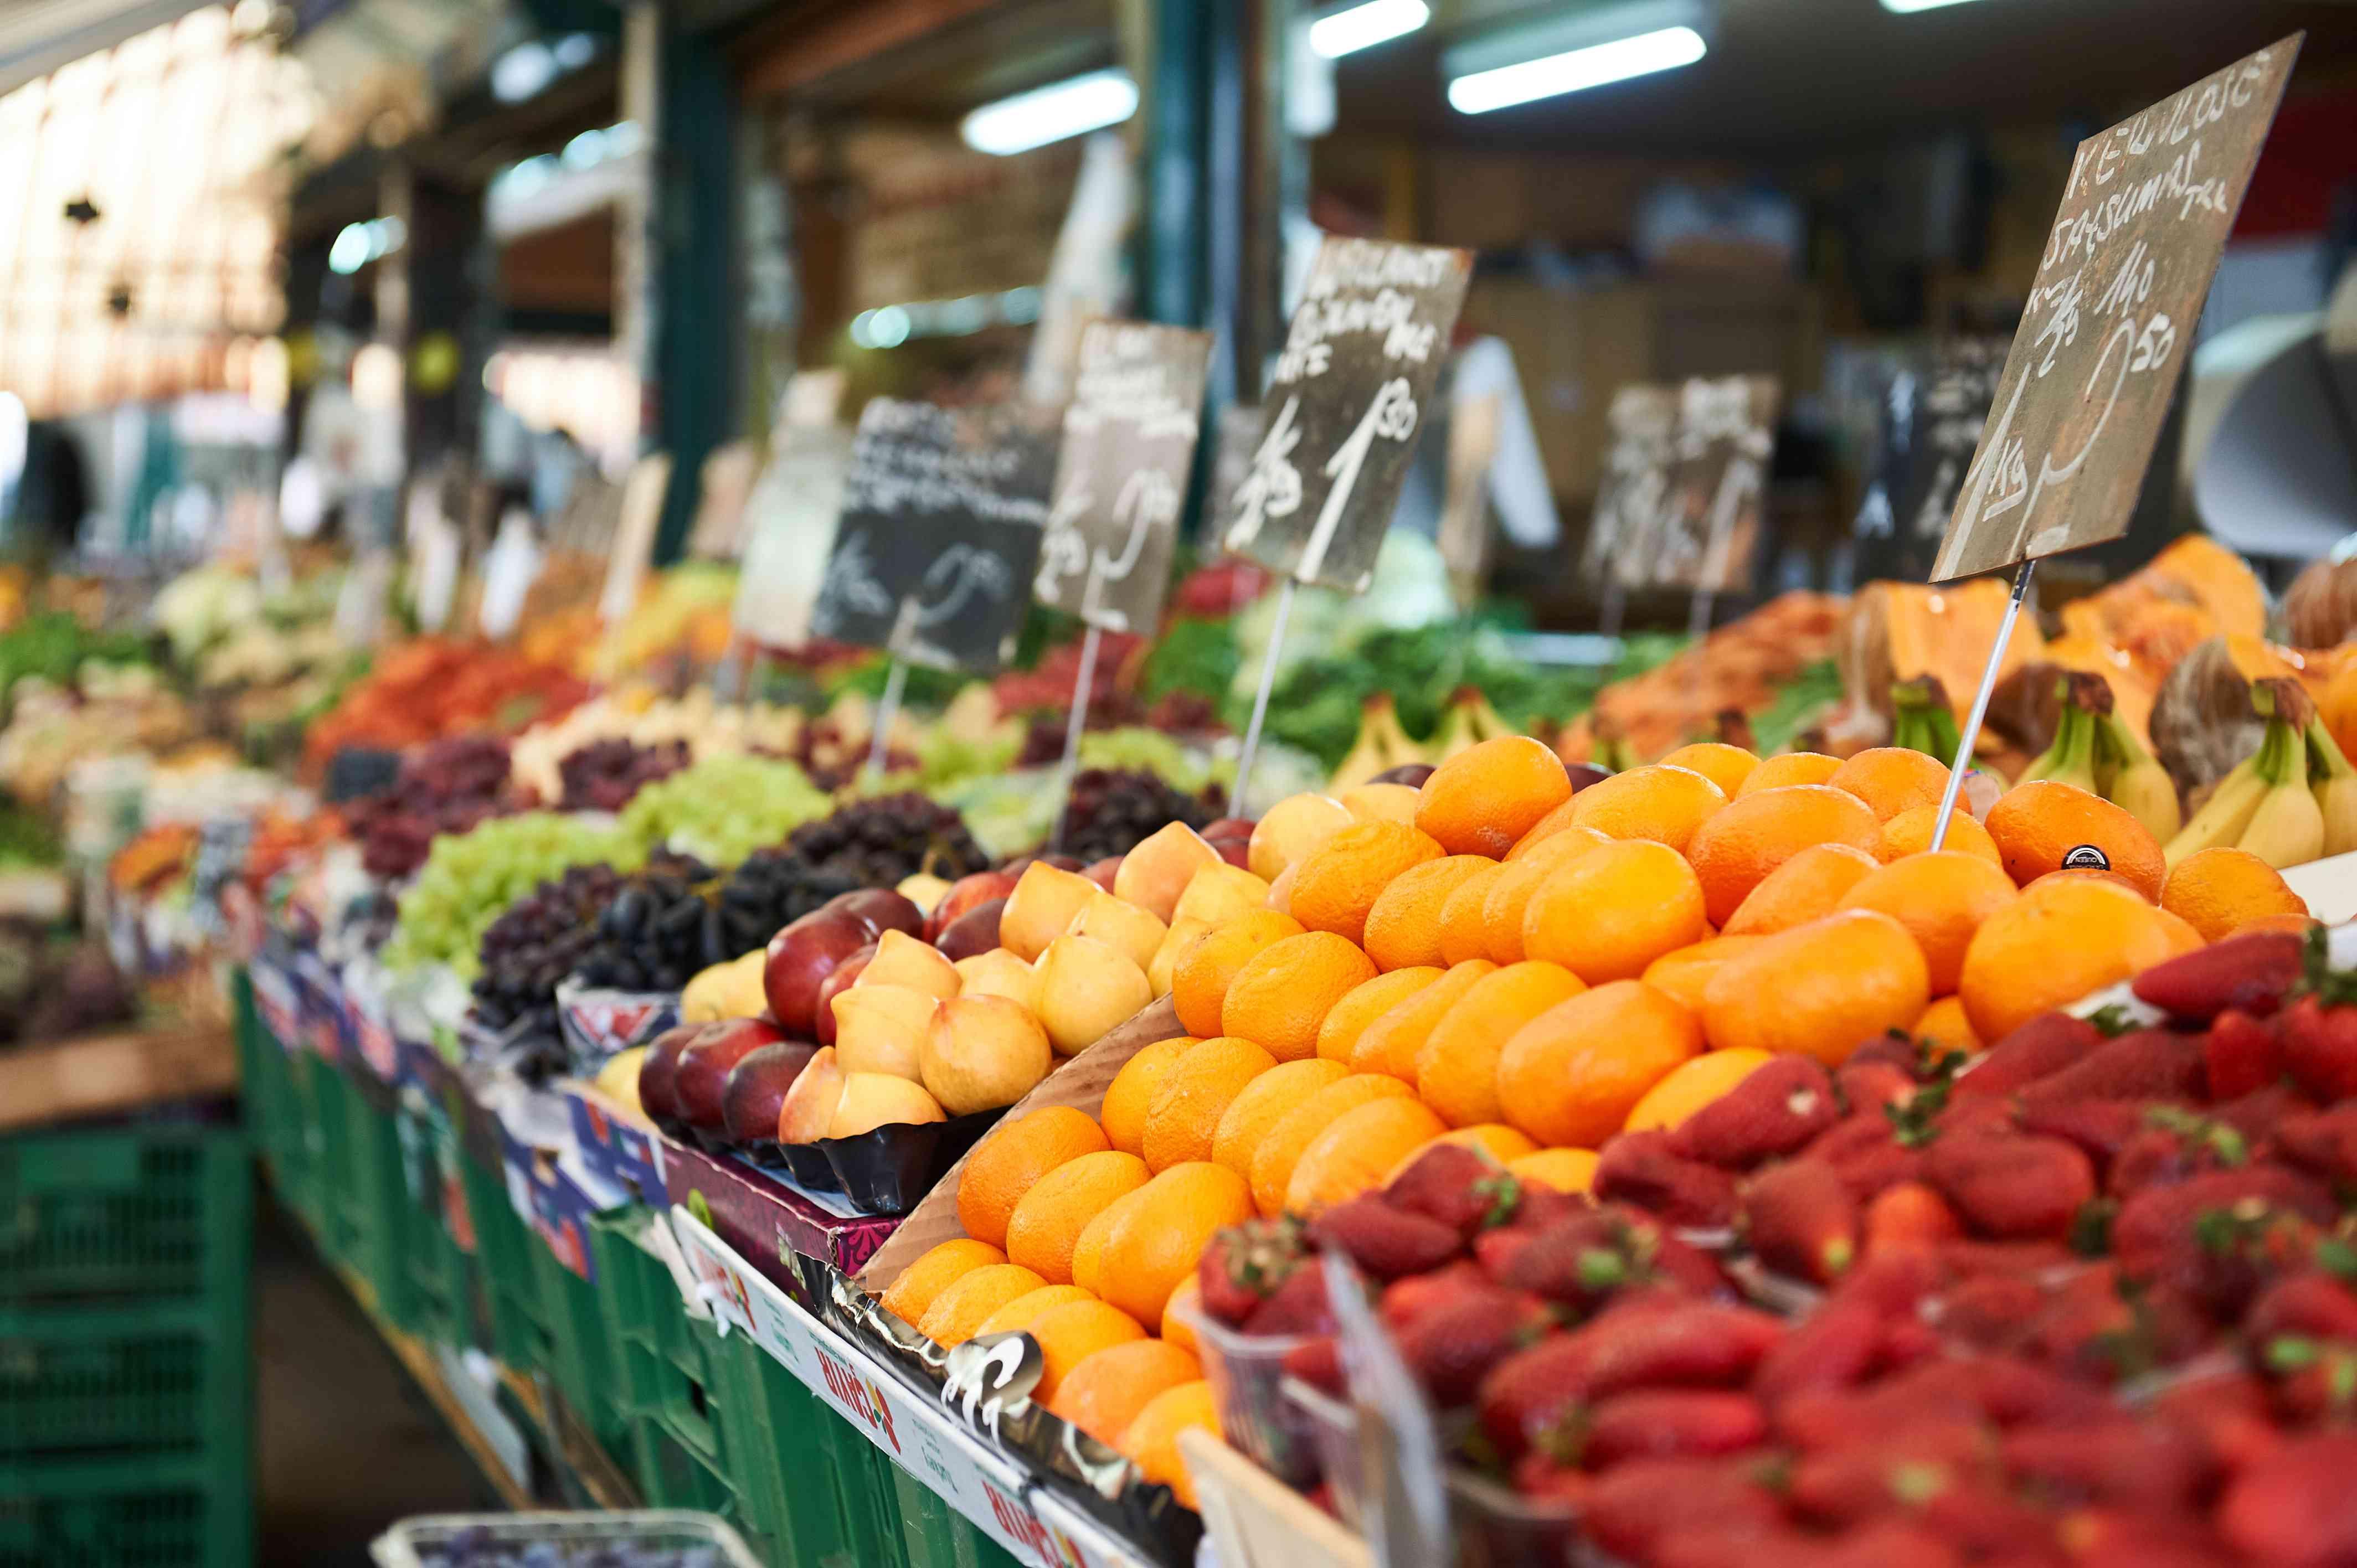 Fruit stands in Naschmarkt